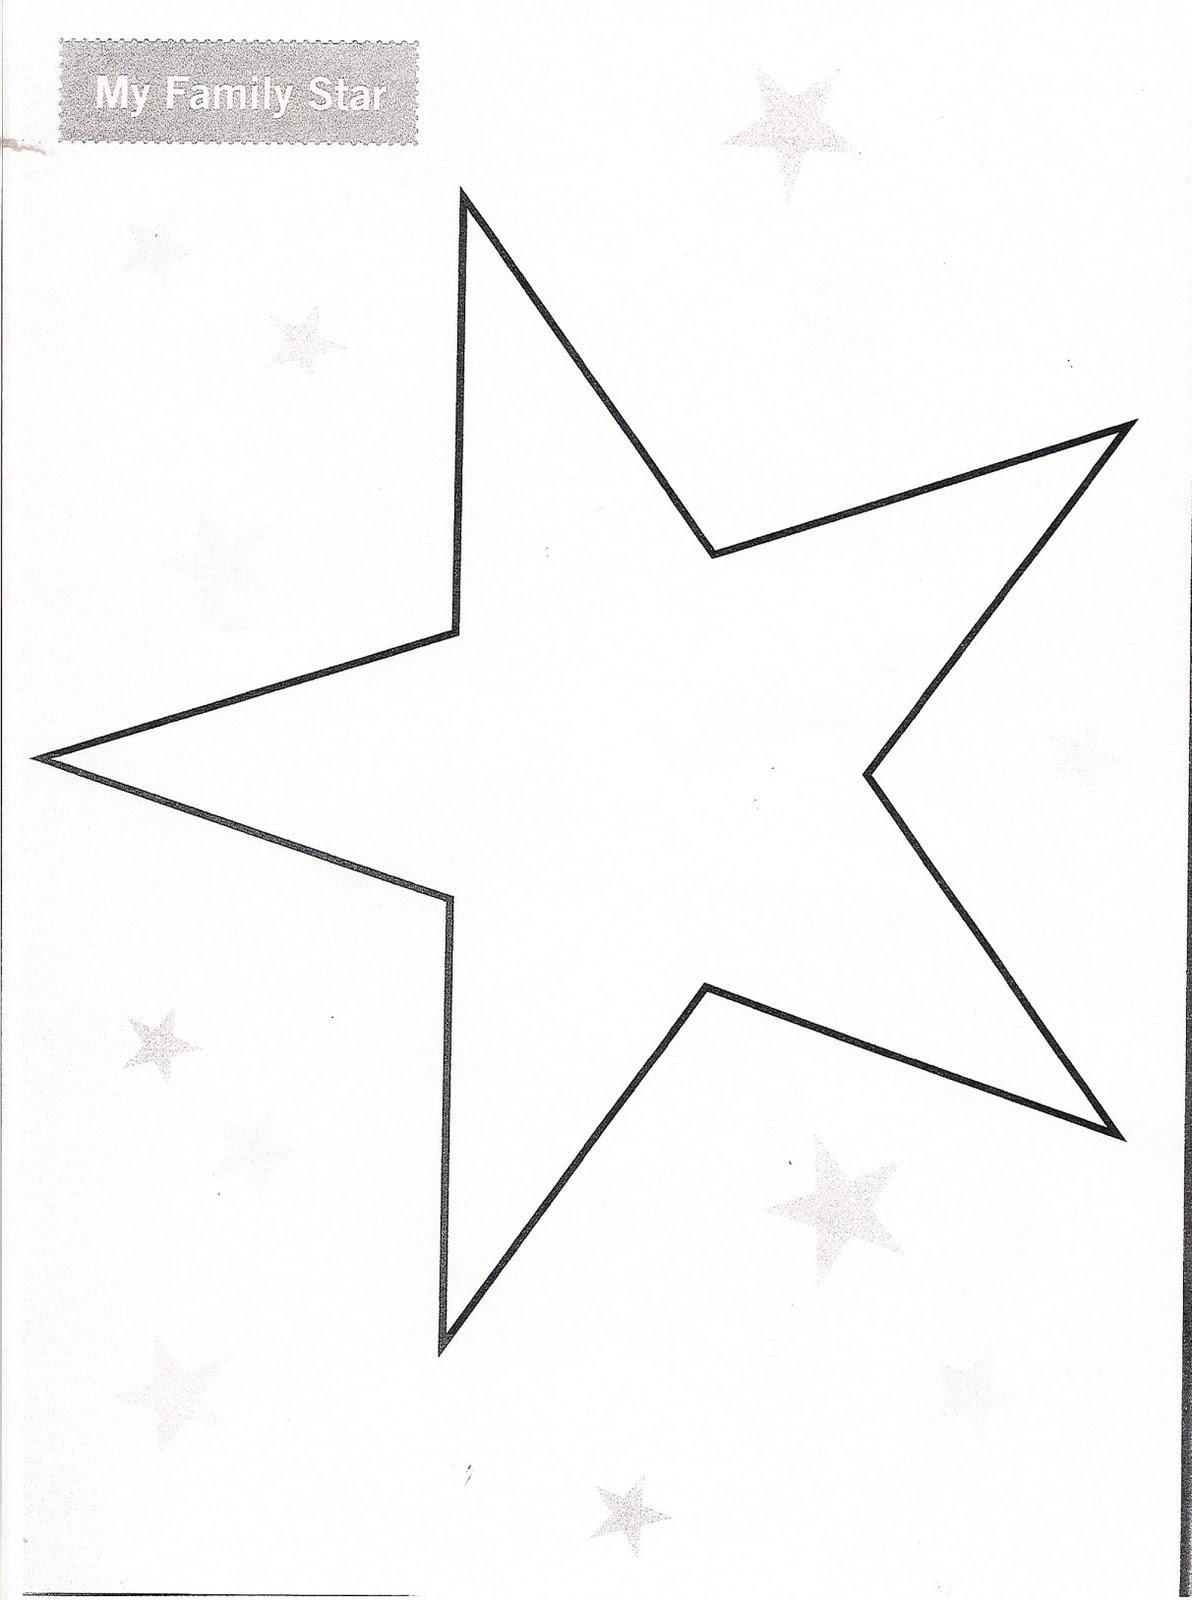 Troop Family Star